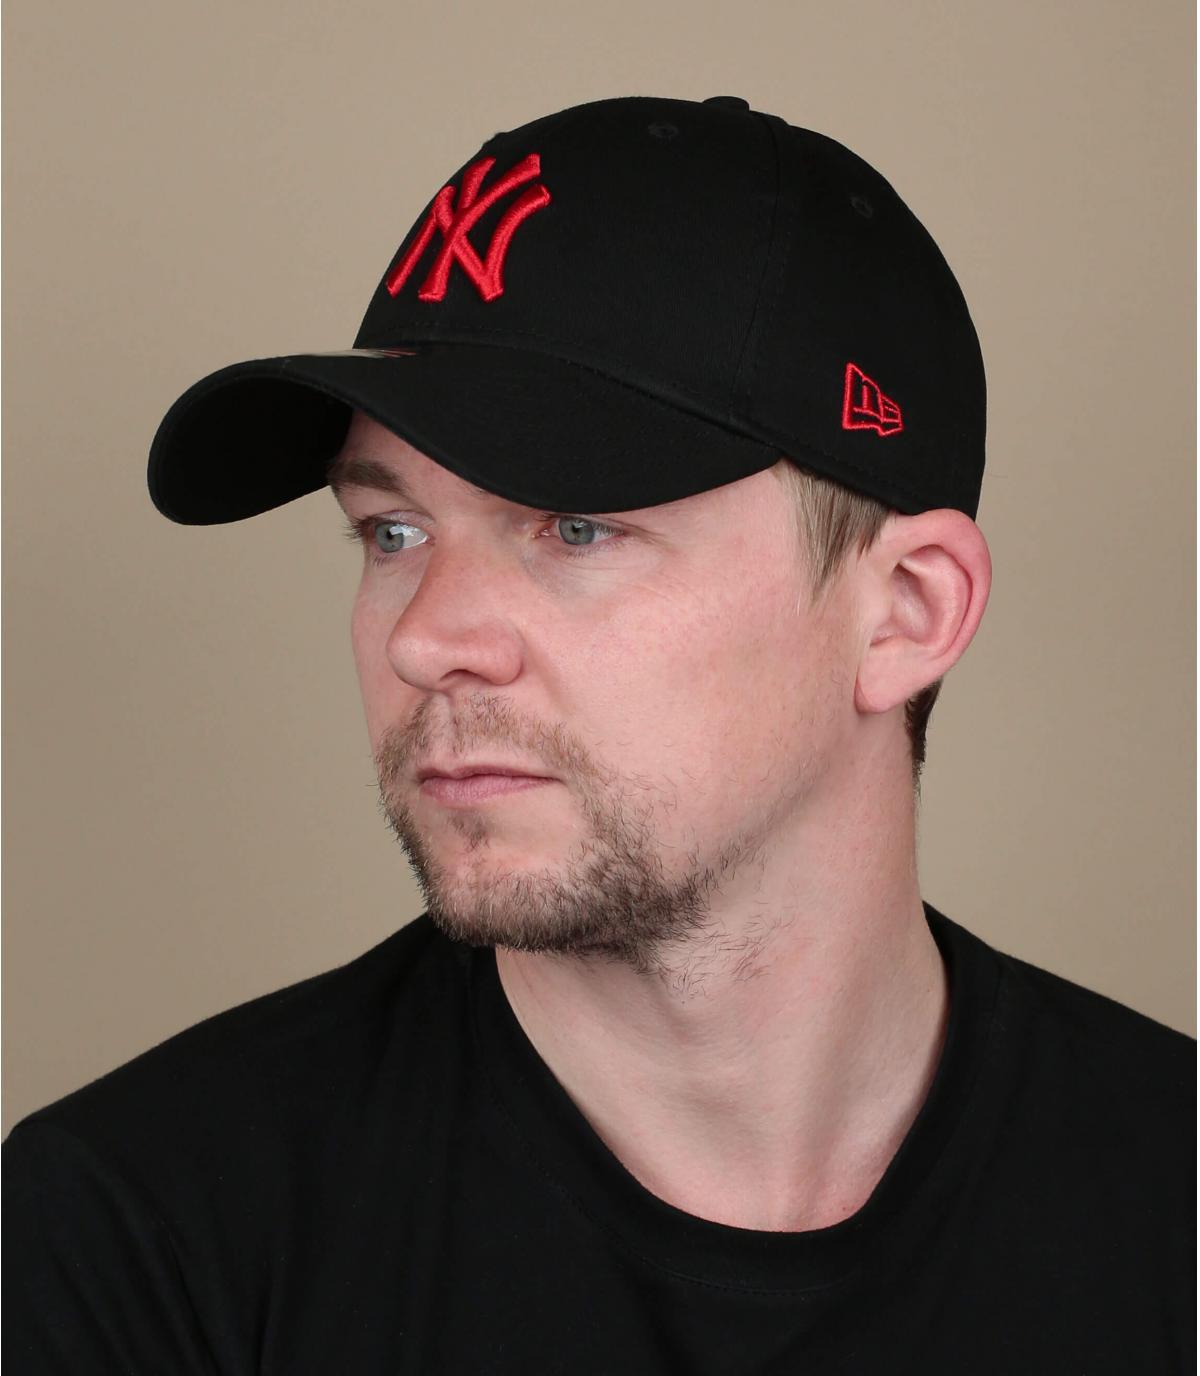 zwart rode NY cap